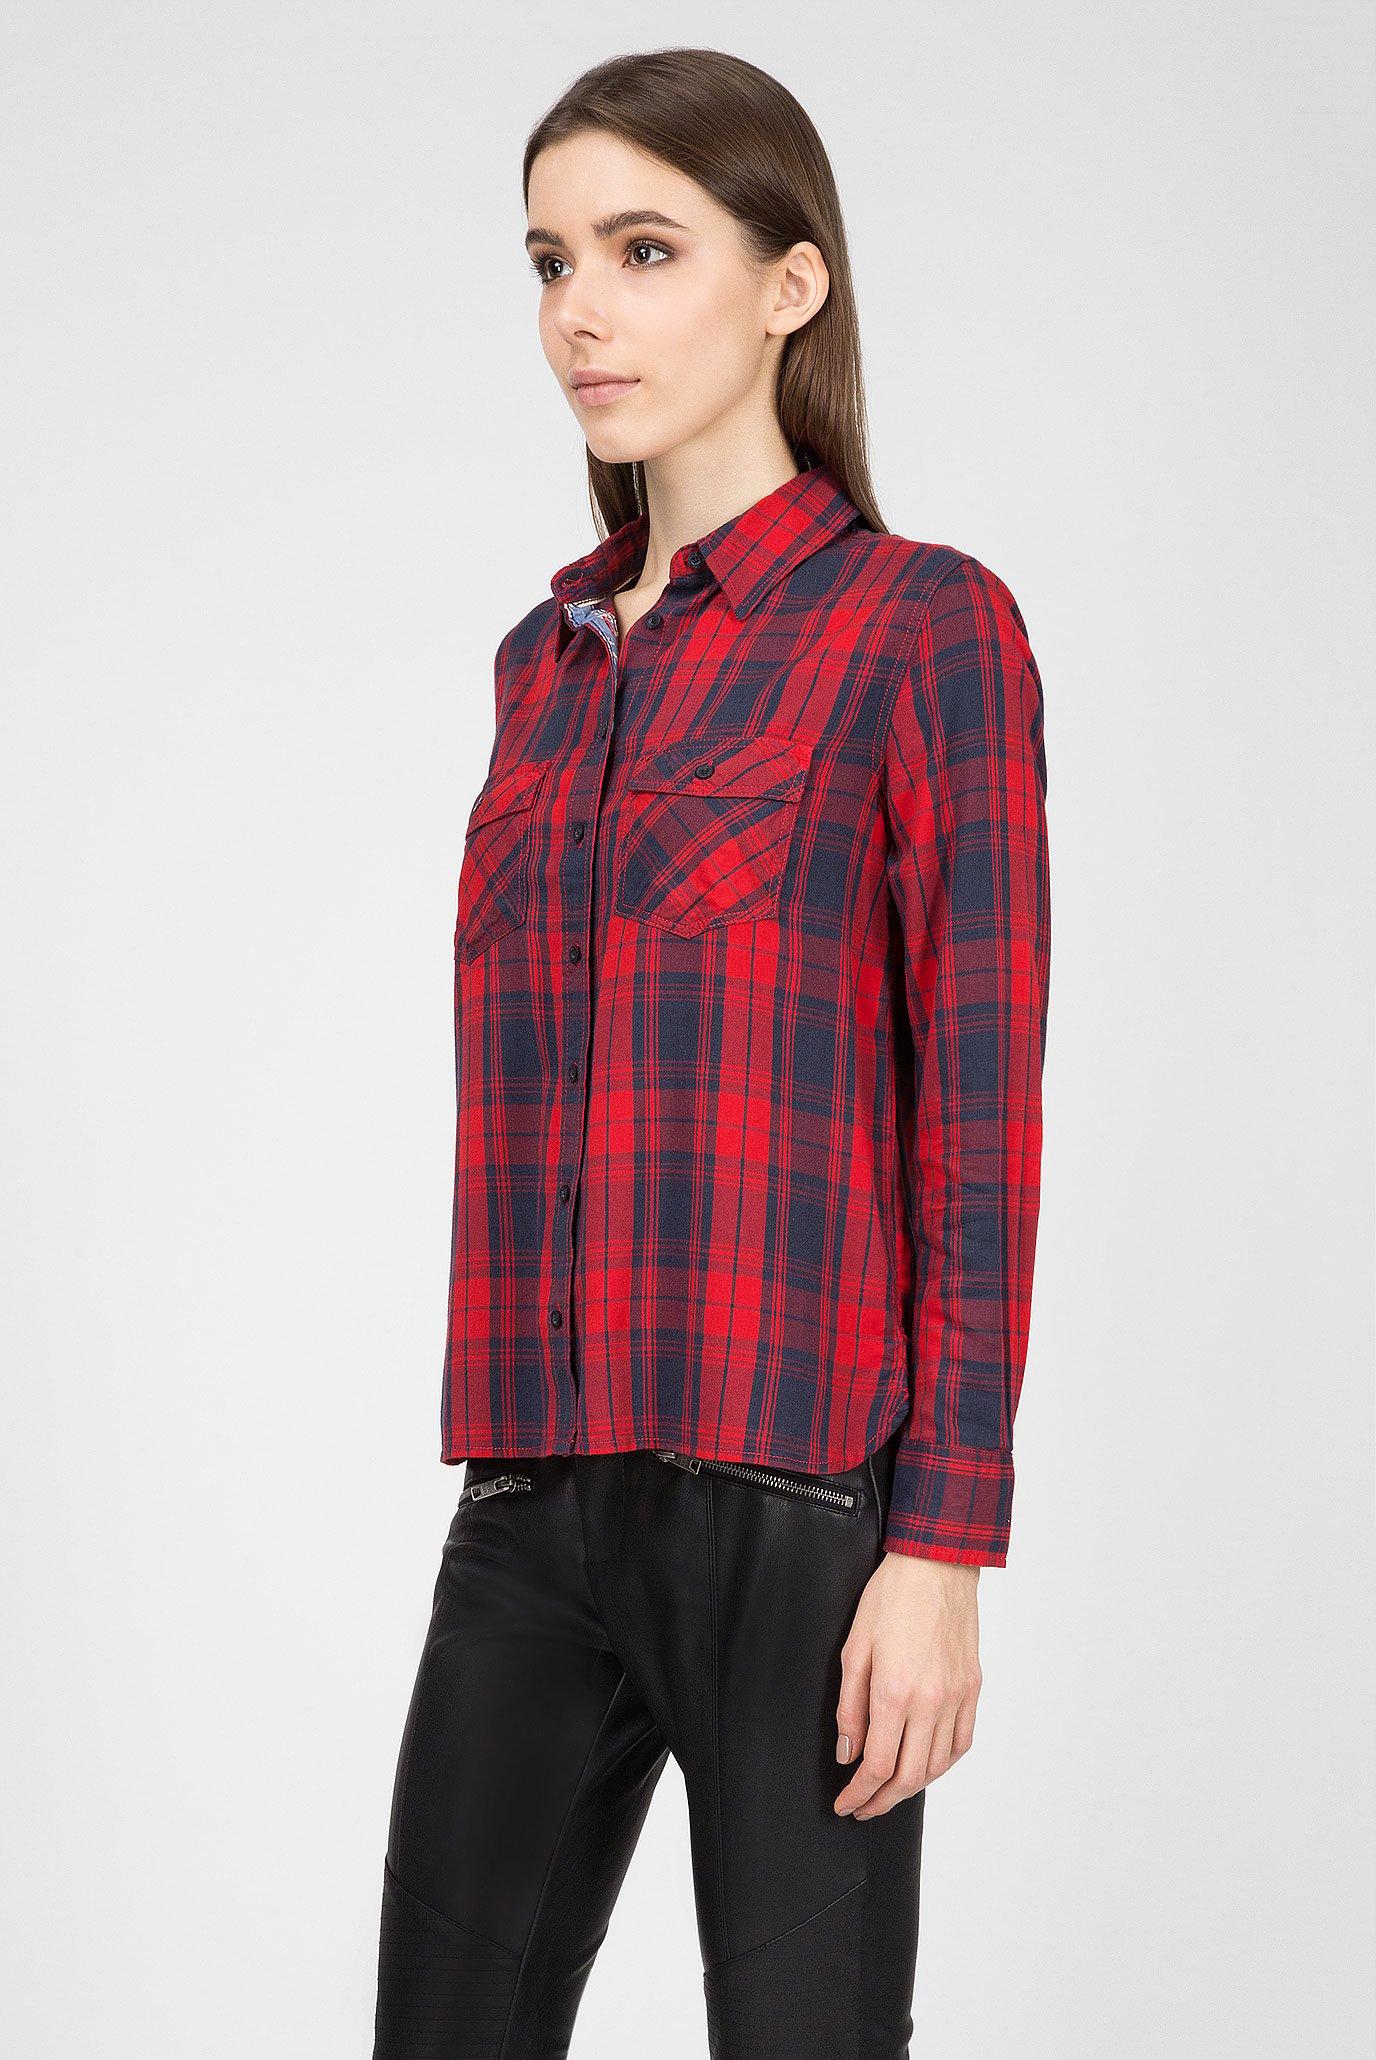 Купить Женская красная рубашка в клетку MEMPHIS Pepe Jeans Pepe Jeans PL303142 – Киев, Украина. Цены в интернет магазине MD Fashion